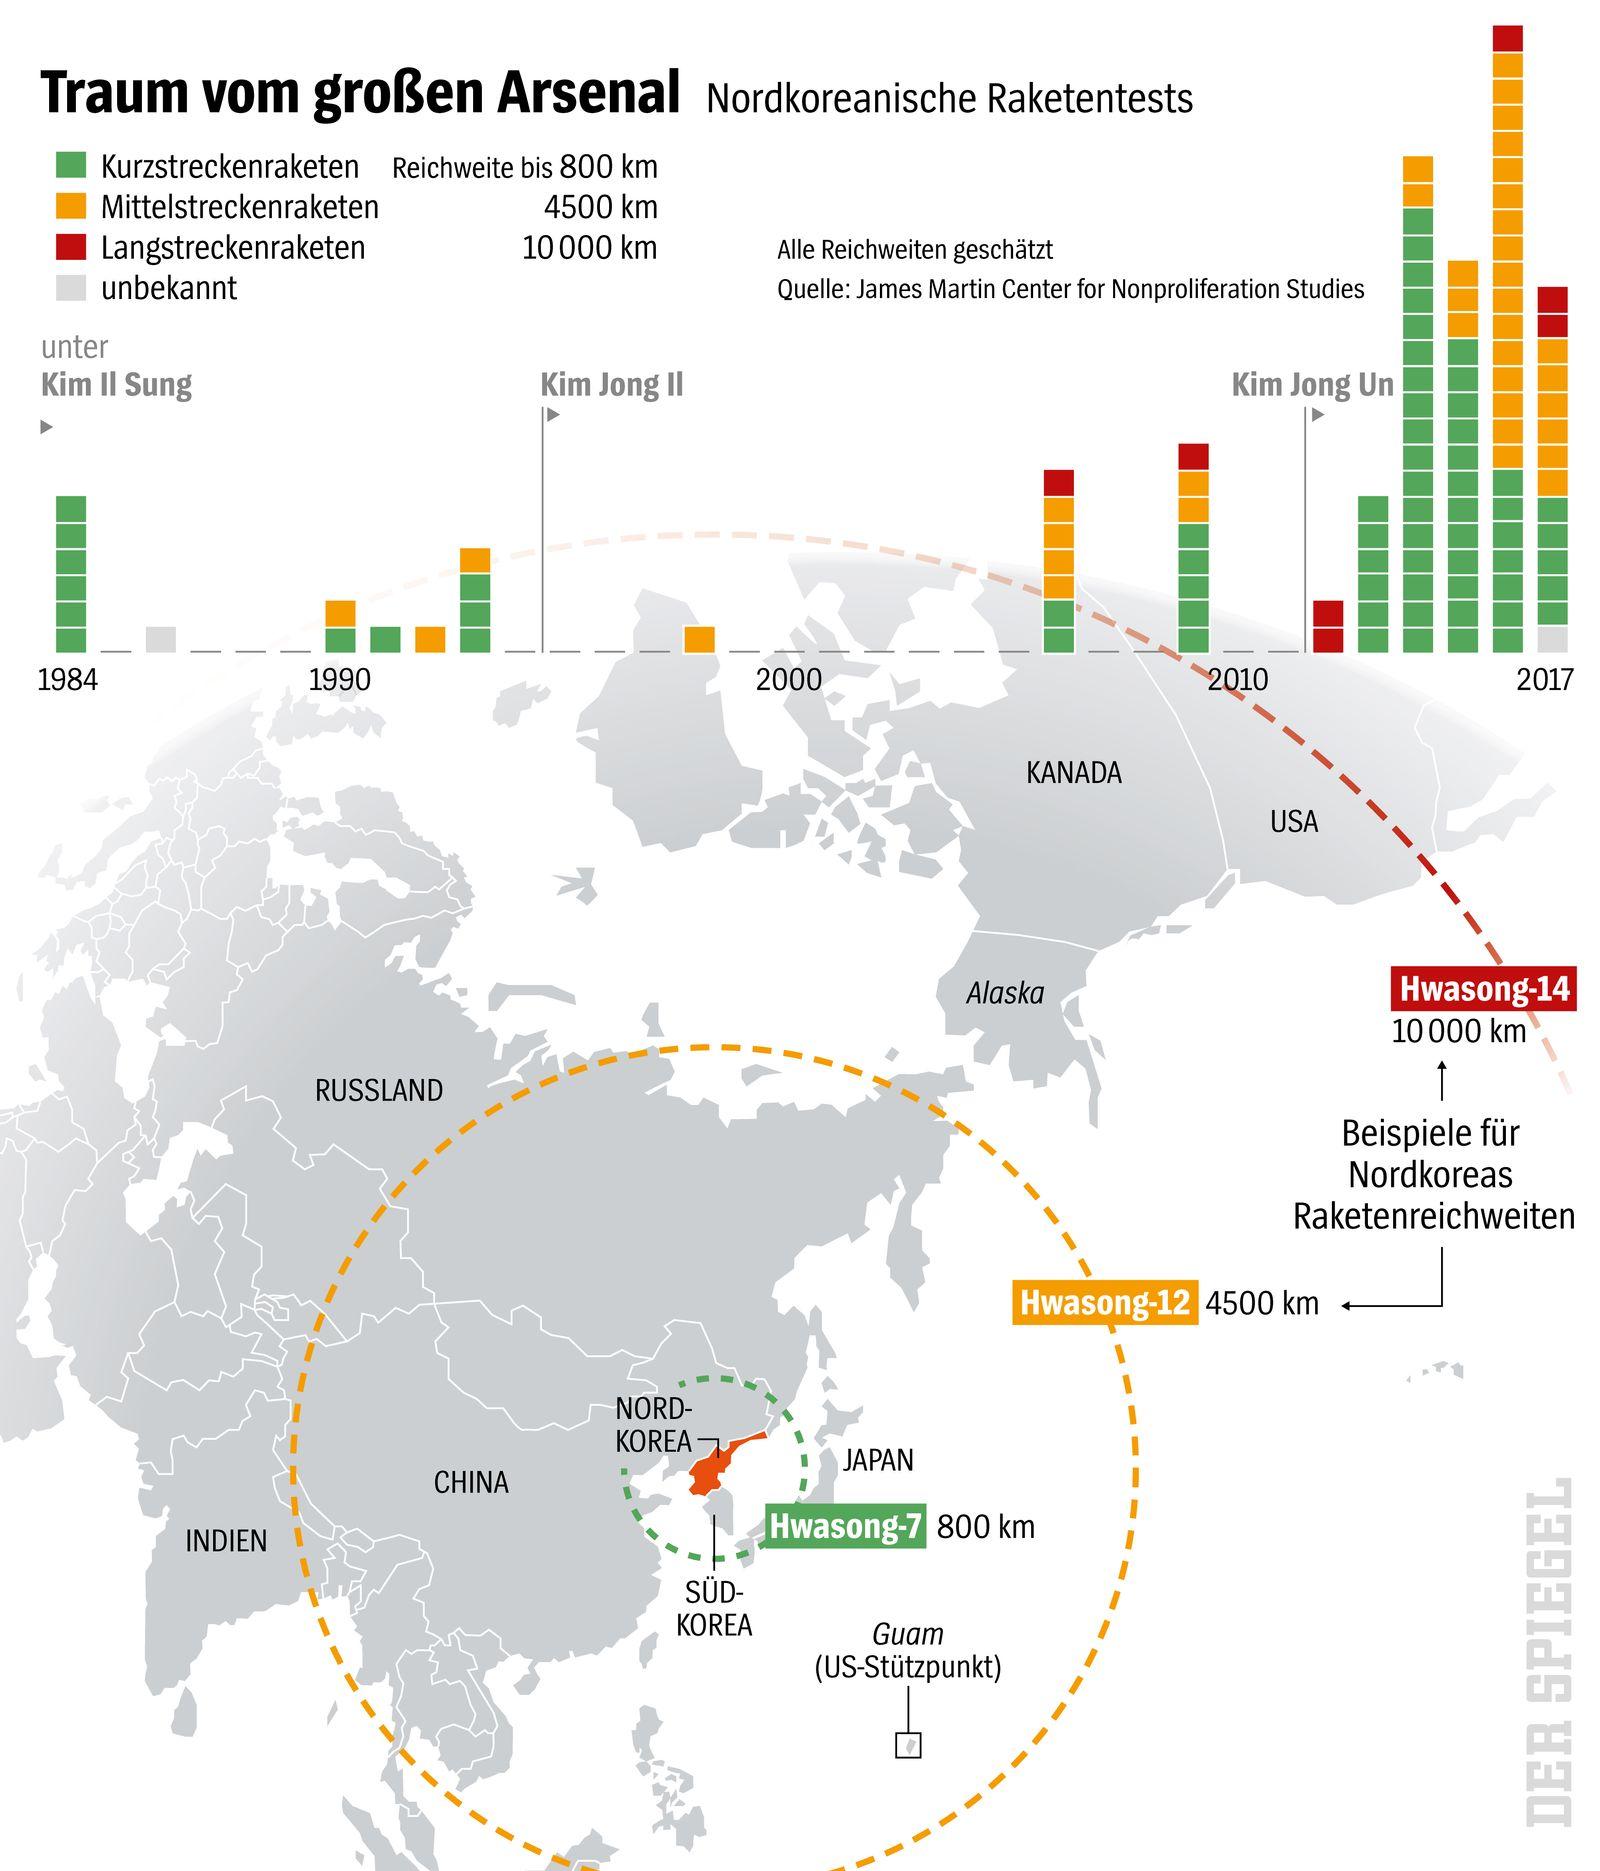 Grafik Raketen Reichweiten Nordkorea - DER SPIEGEL 33/2017 Der Traum vom großen Arsenal